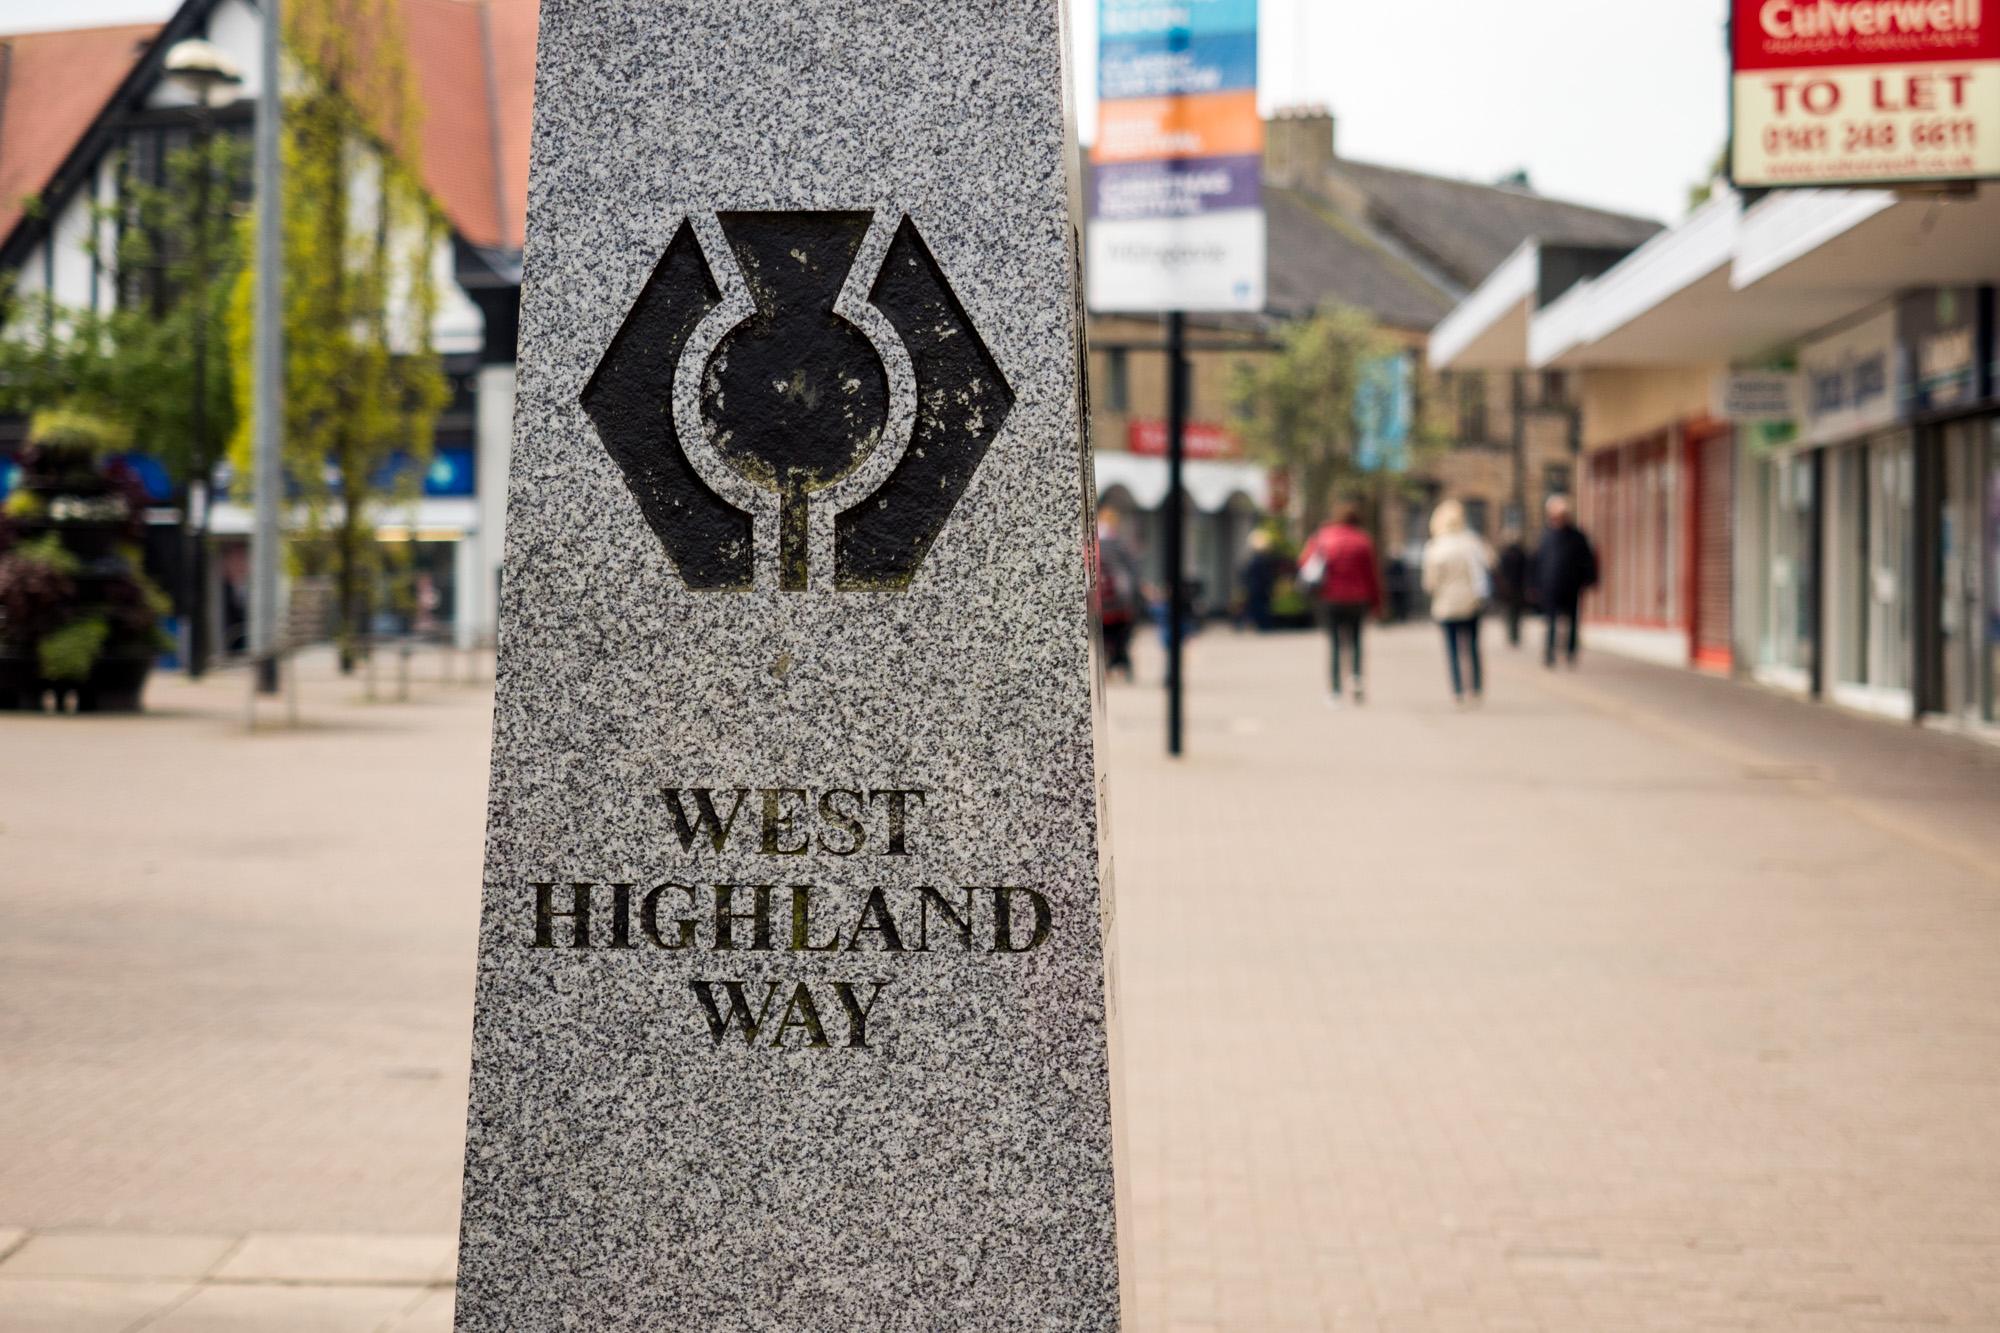 West Highland Way - Startpunkt des West Highland Way in Milngavie